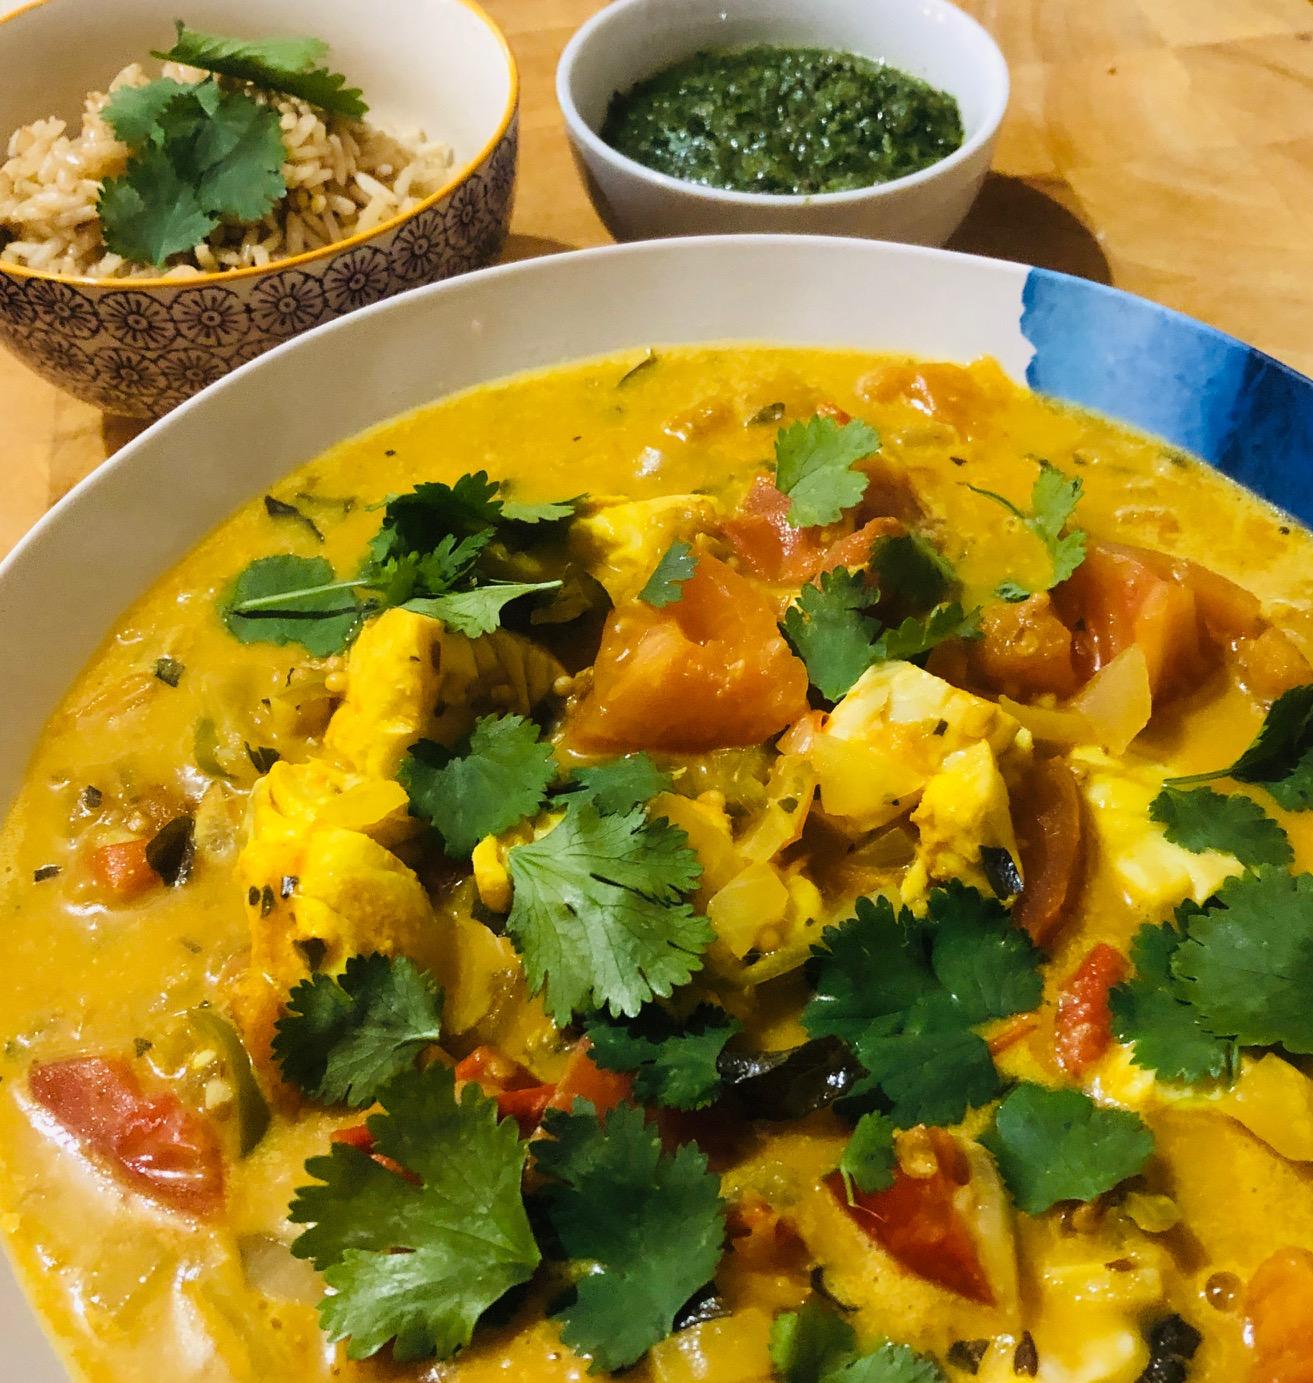 Day 28: Sri Lankan Fish Curry